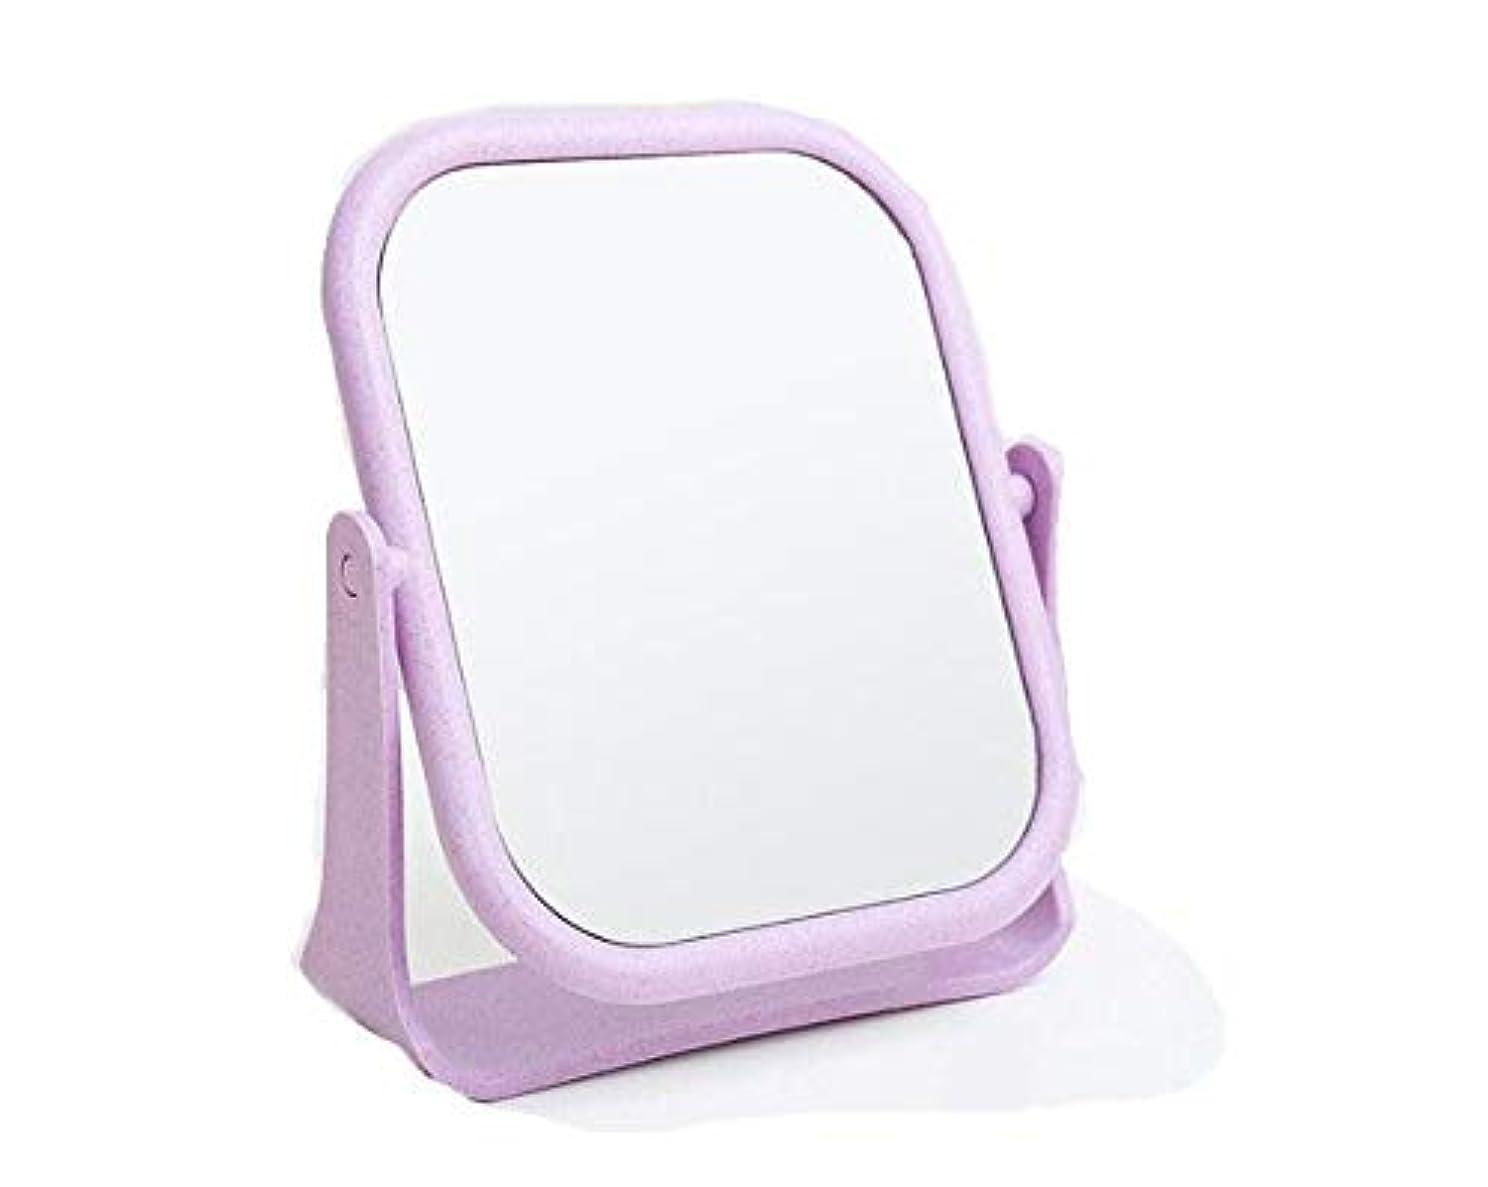 柔らかさ運搬十億化粧鏡、回転式HD両面デスクトップ化粧鏡化粧ギフト